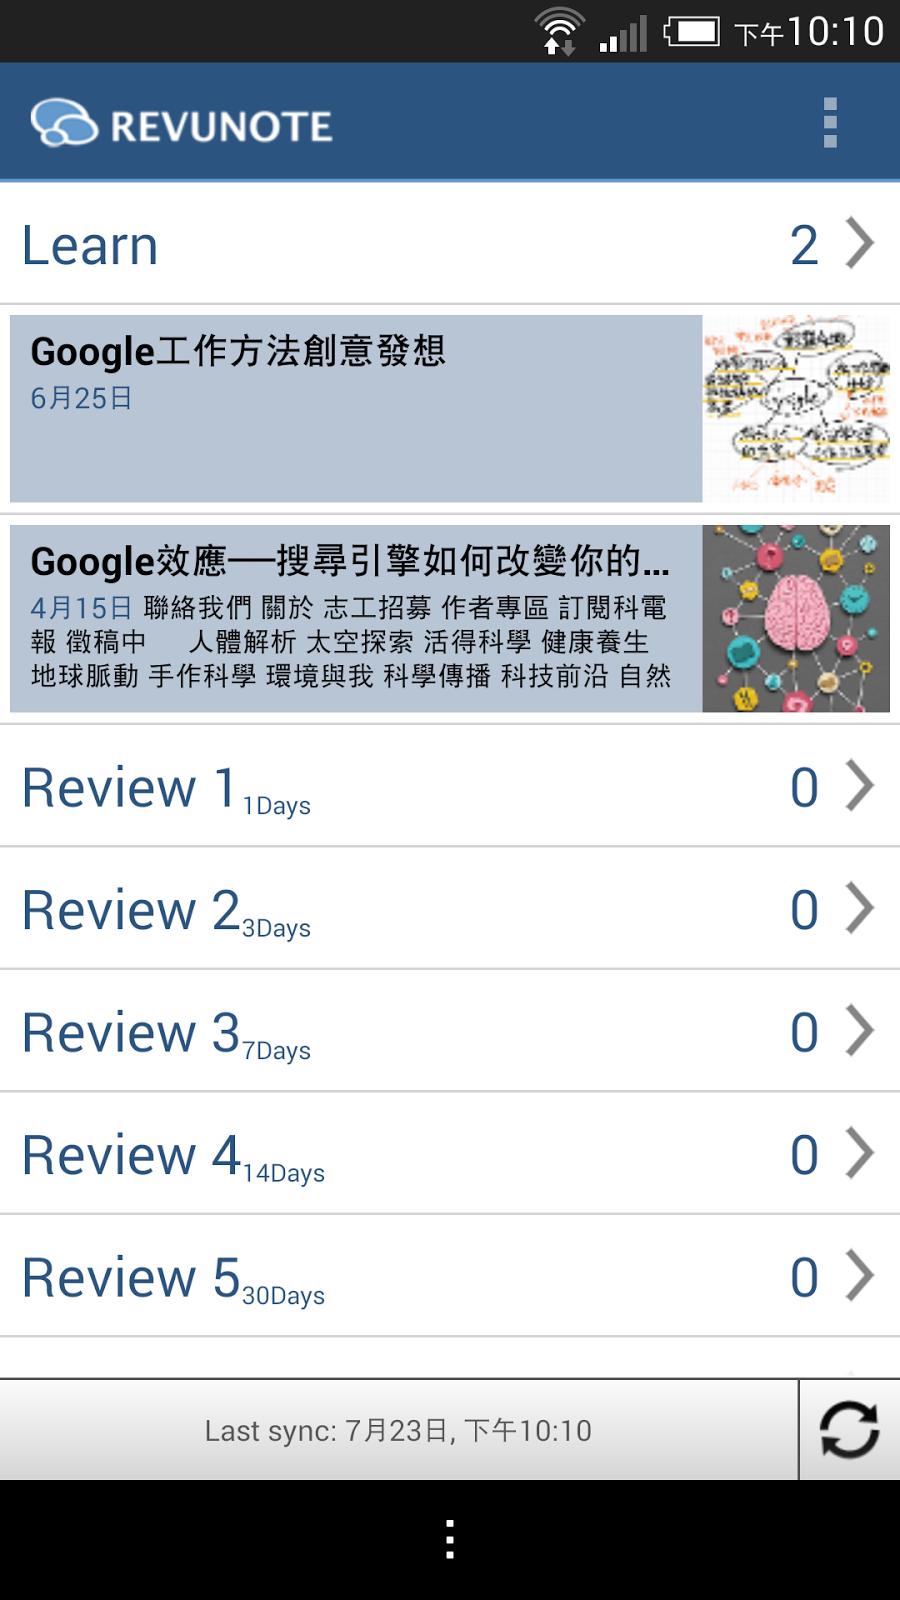 改變行動工作!電腦玩物 2014 最佳 Android App 推薦 revunote+evernote-03